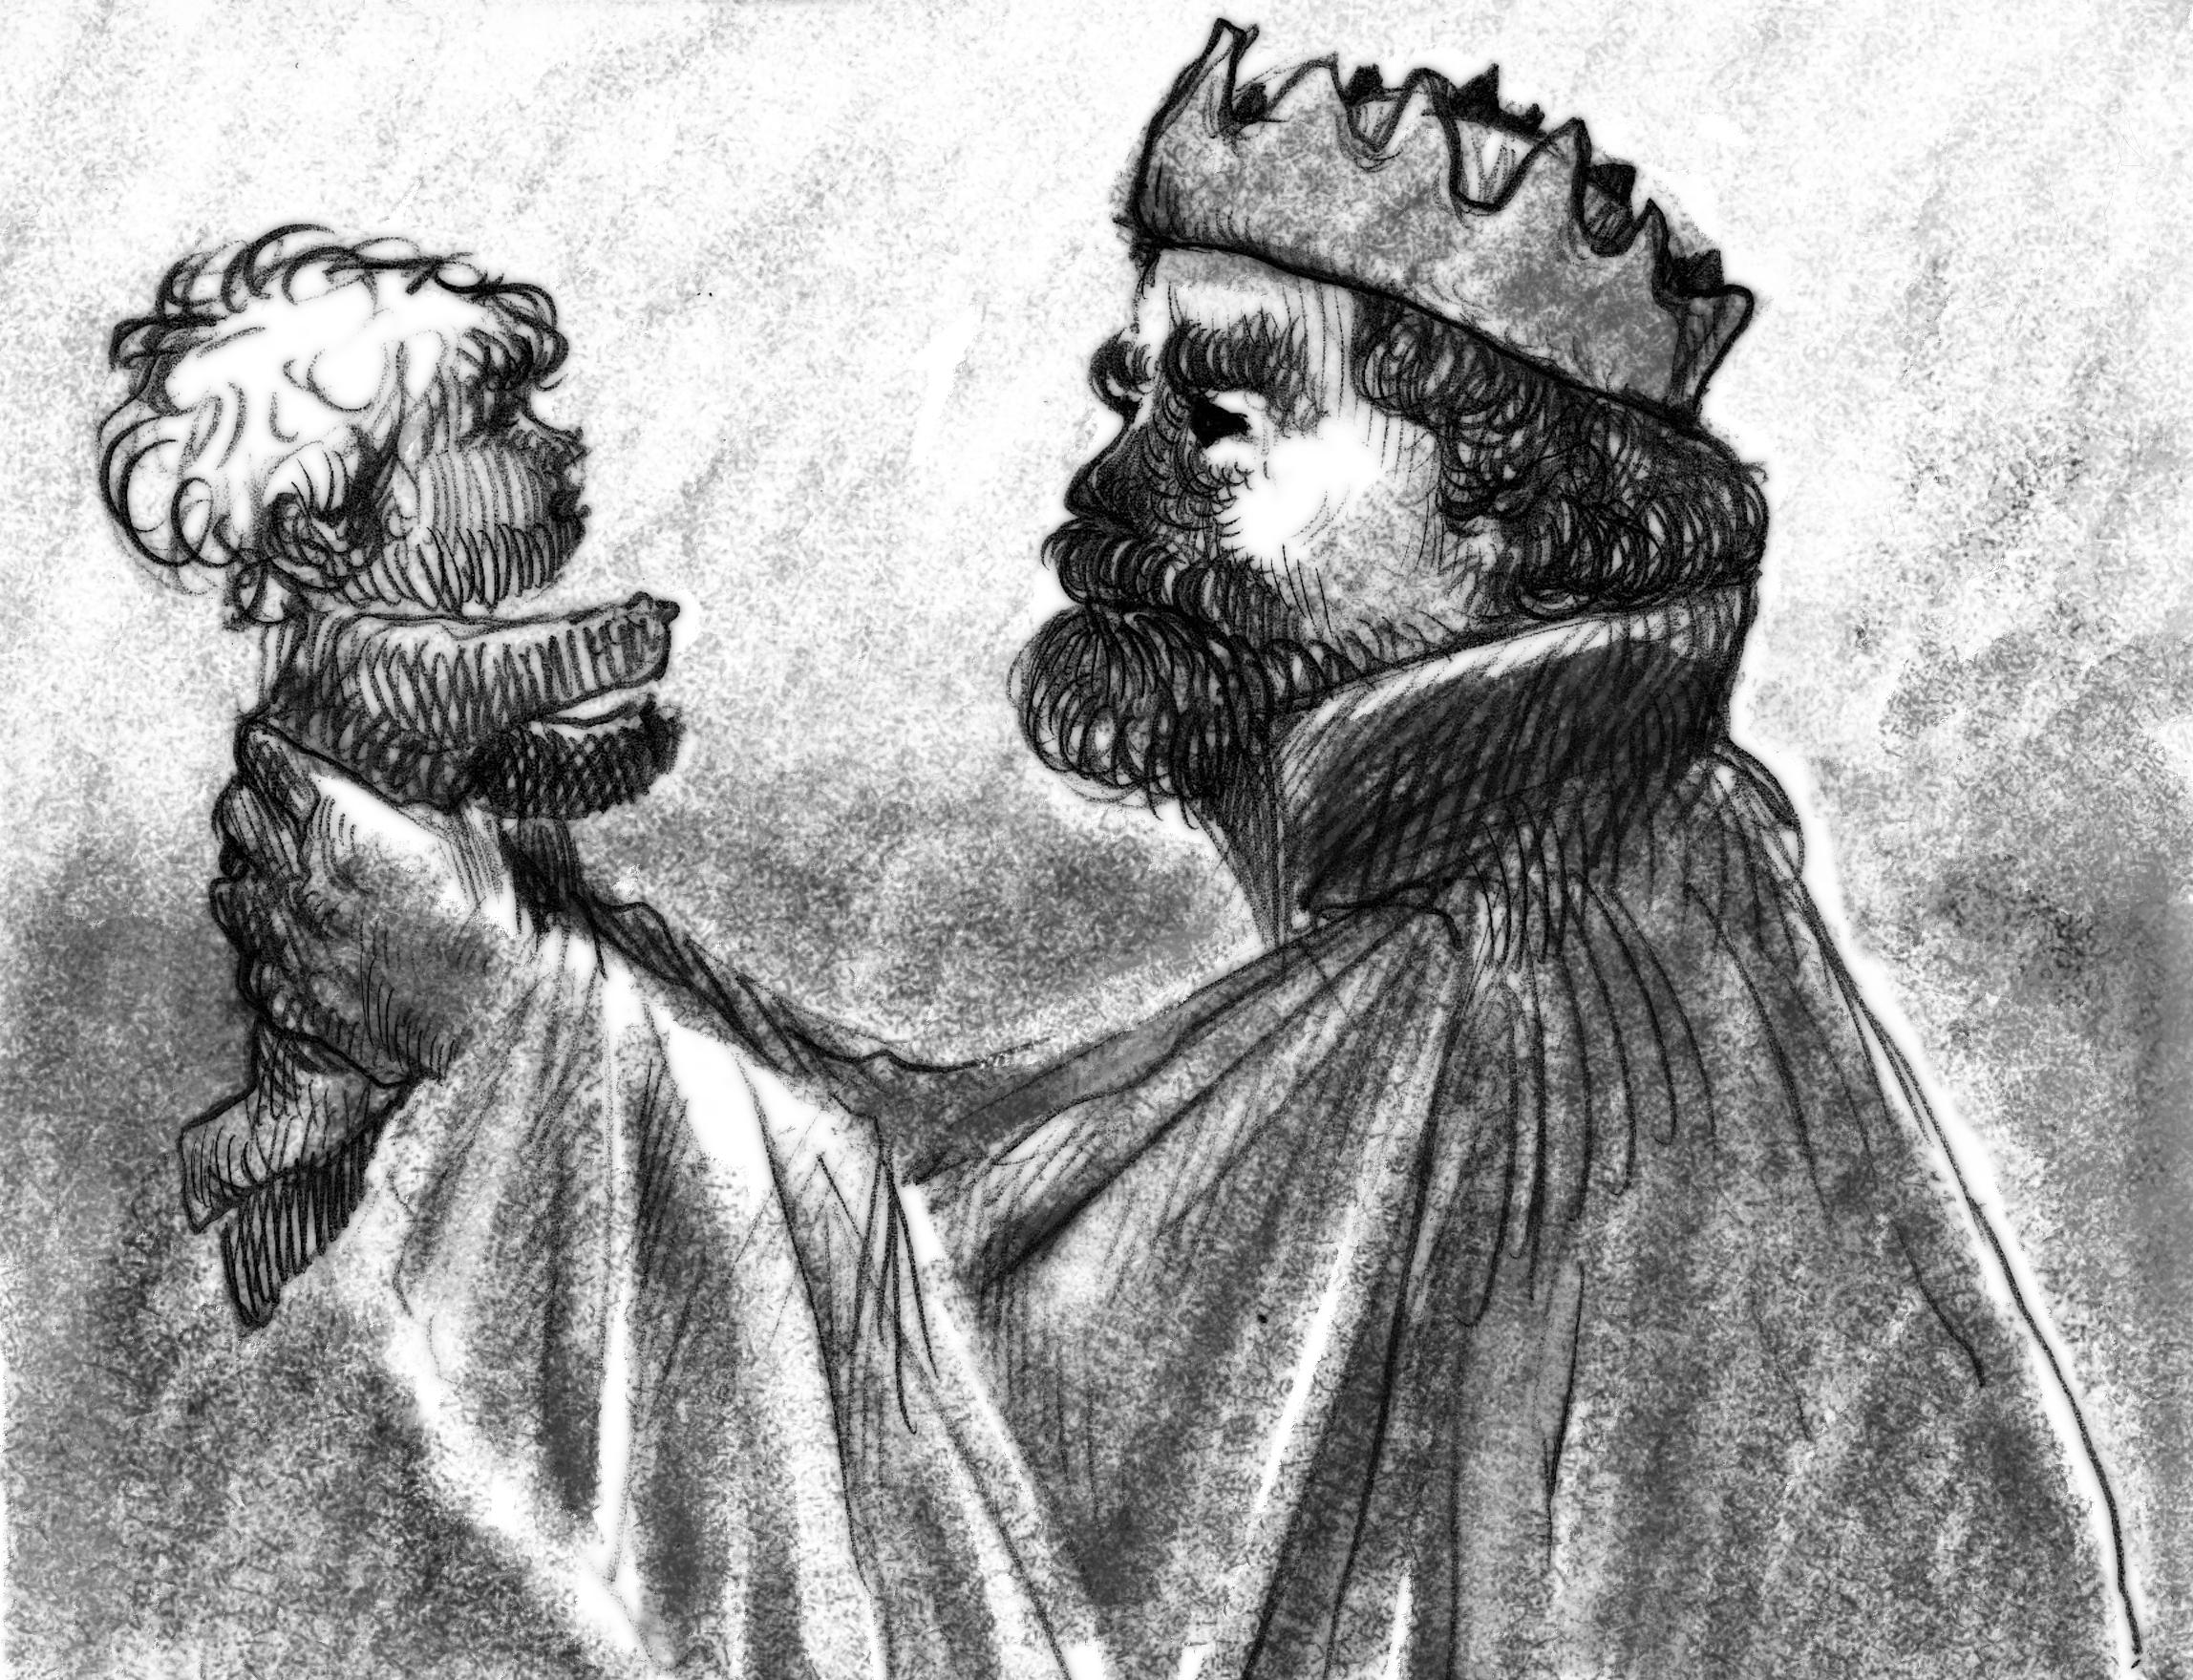 2) วันเดียวกันนั้น พระราชินีให้กำเนินเจ้าชายองค์แรก